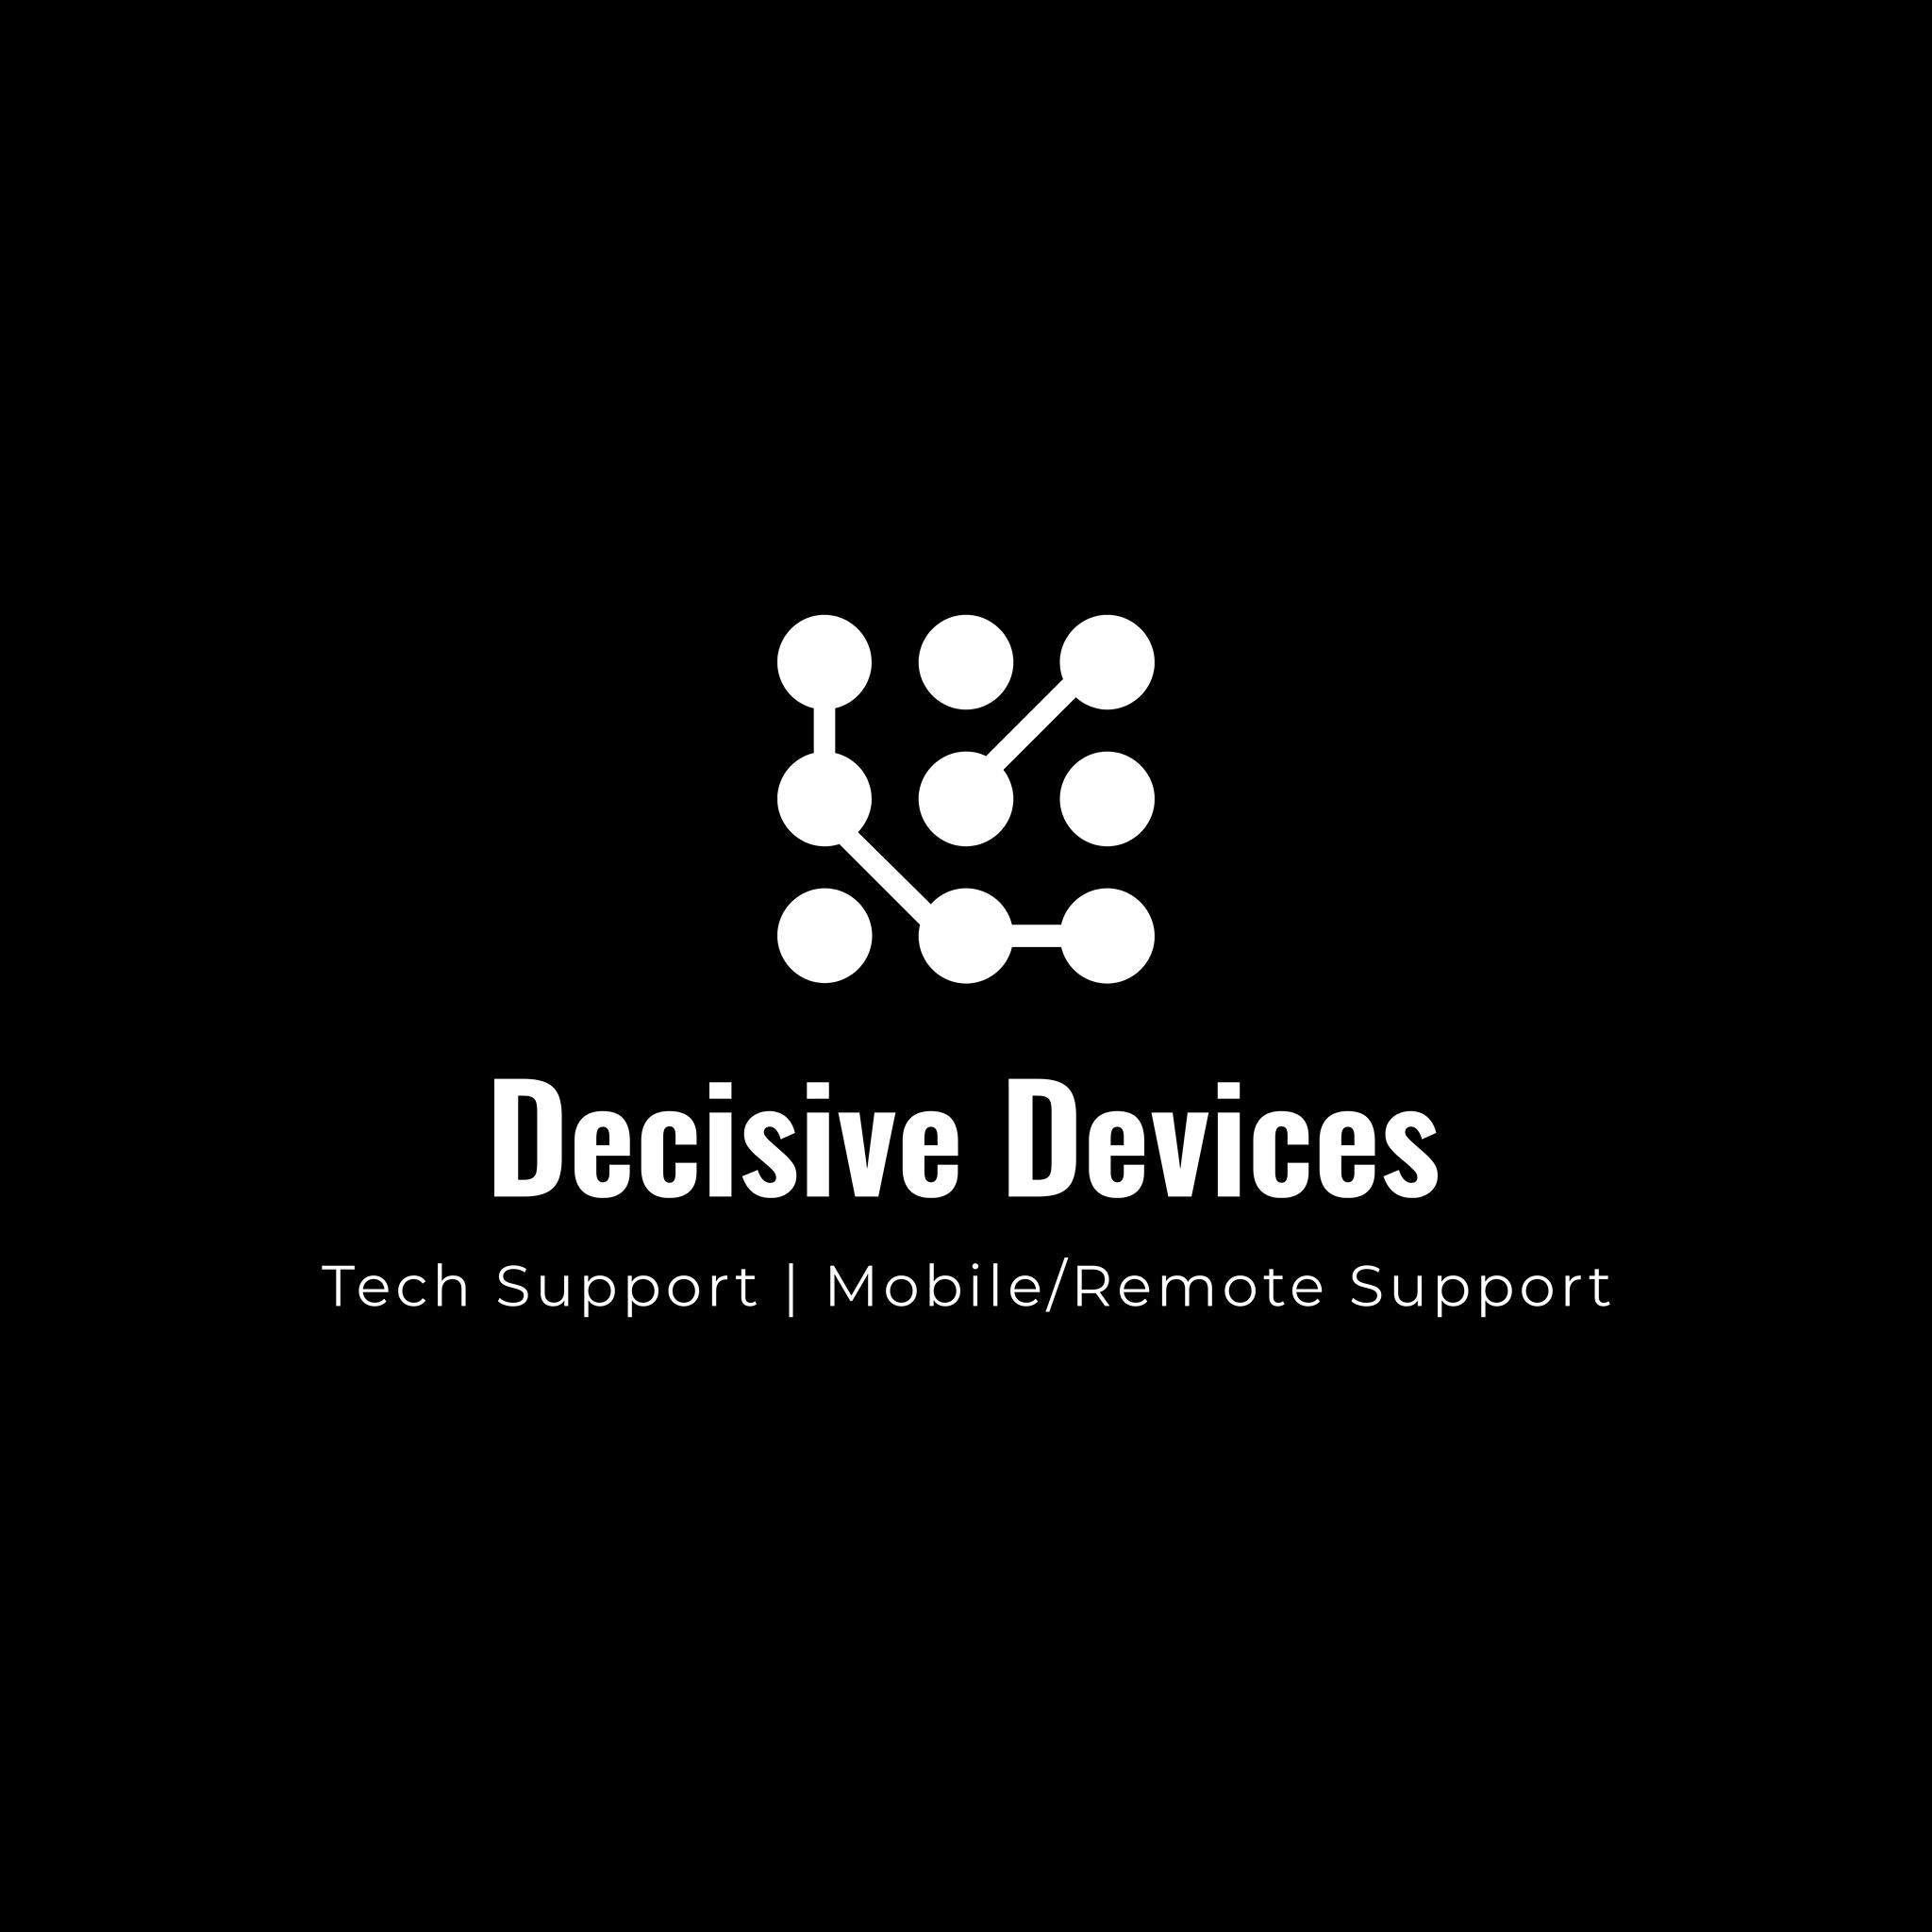 Decisive Devices